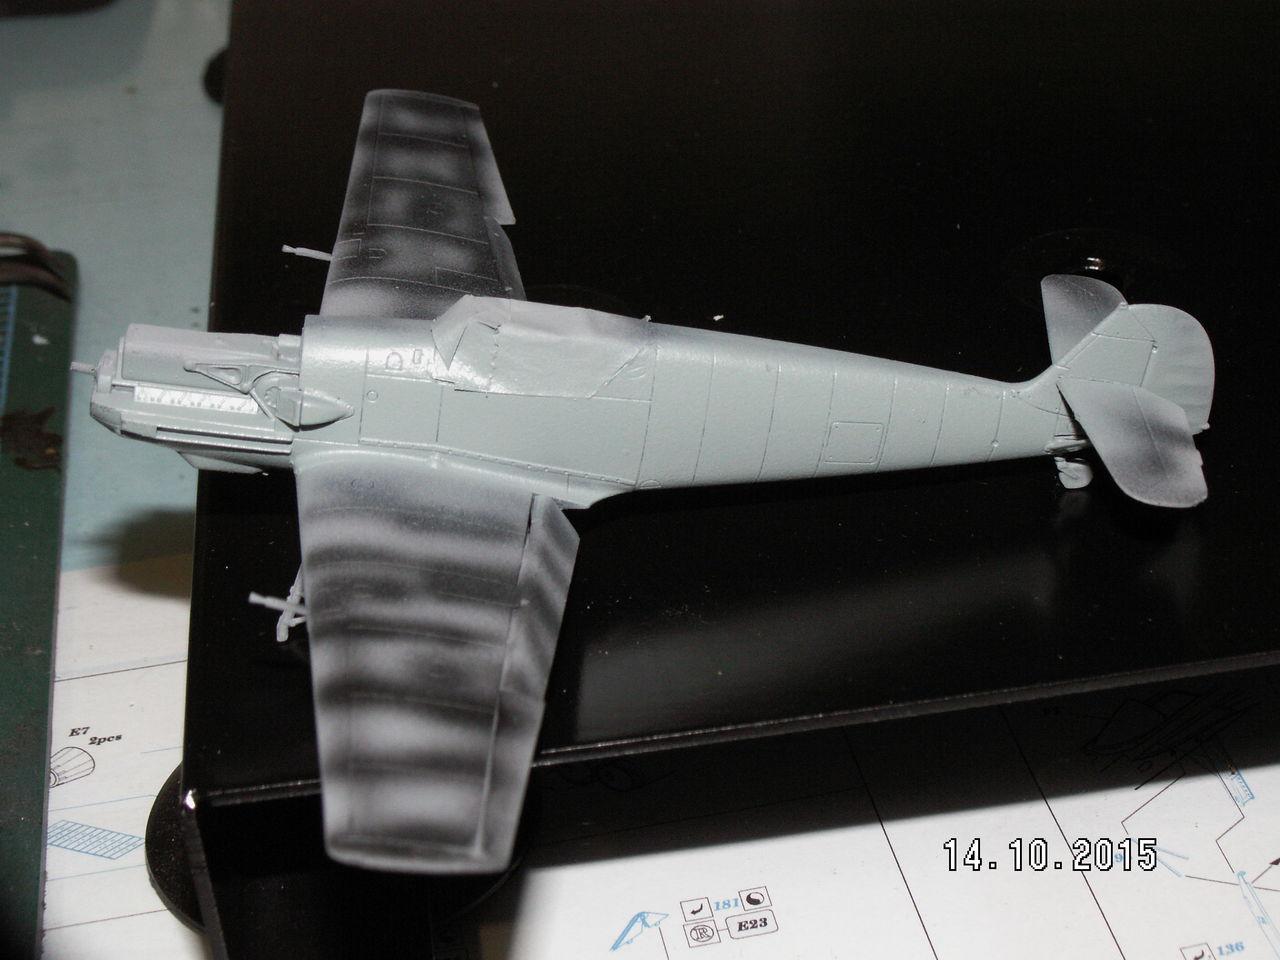 Messerschmitt Bf 109 E-3 / E-4 arfix - Σελίδα 2 PICT0126